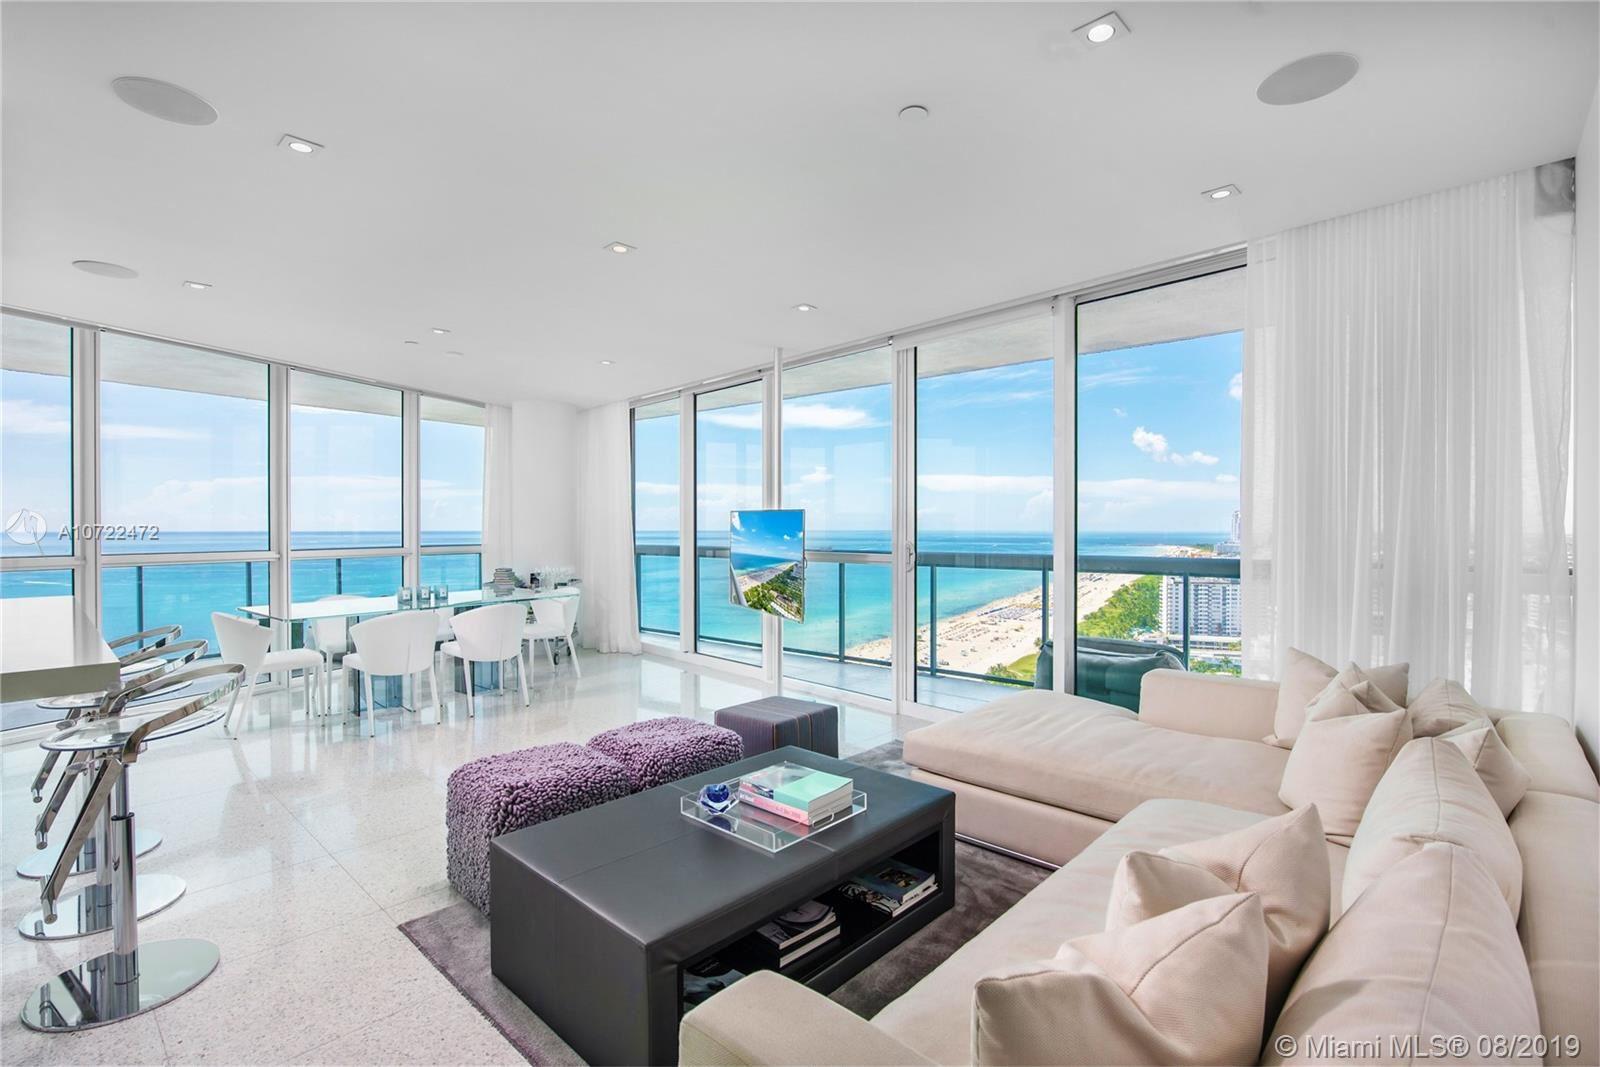 101 20th St #3208, Miami Beach, FL 33139 - #: A10722472